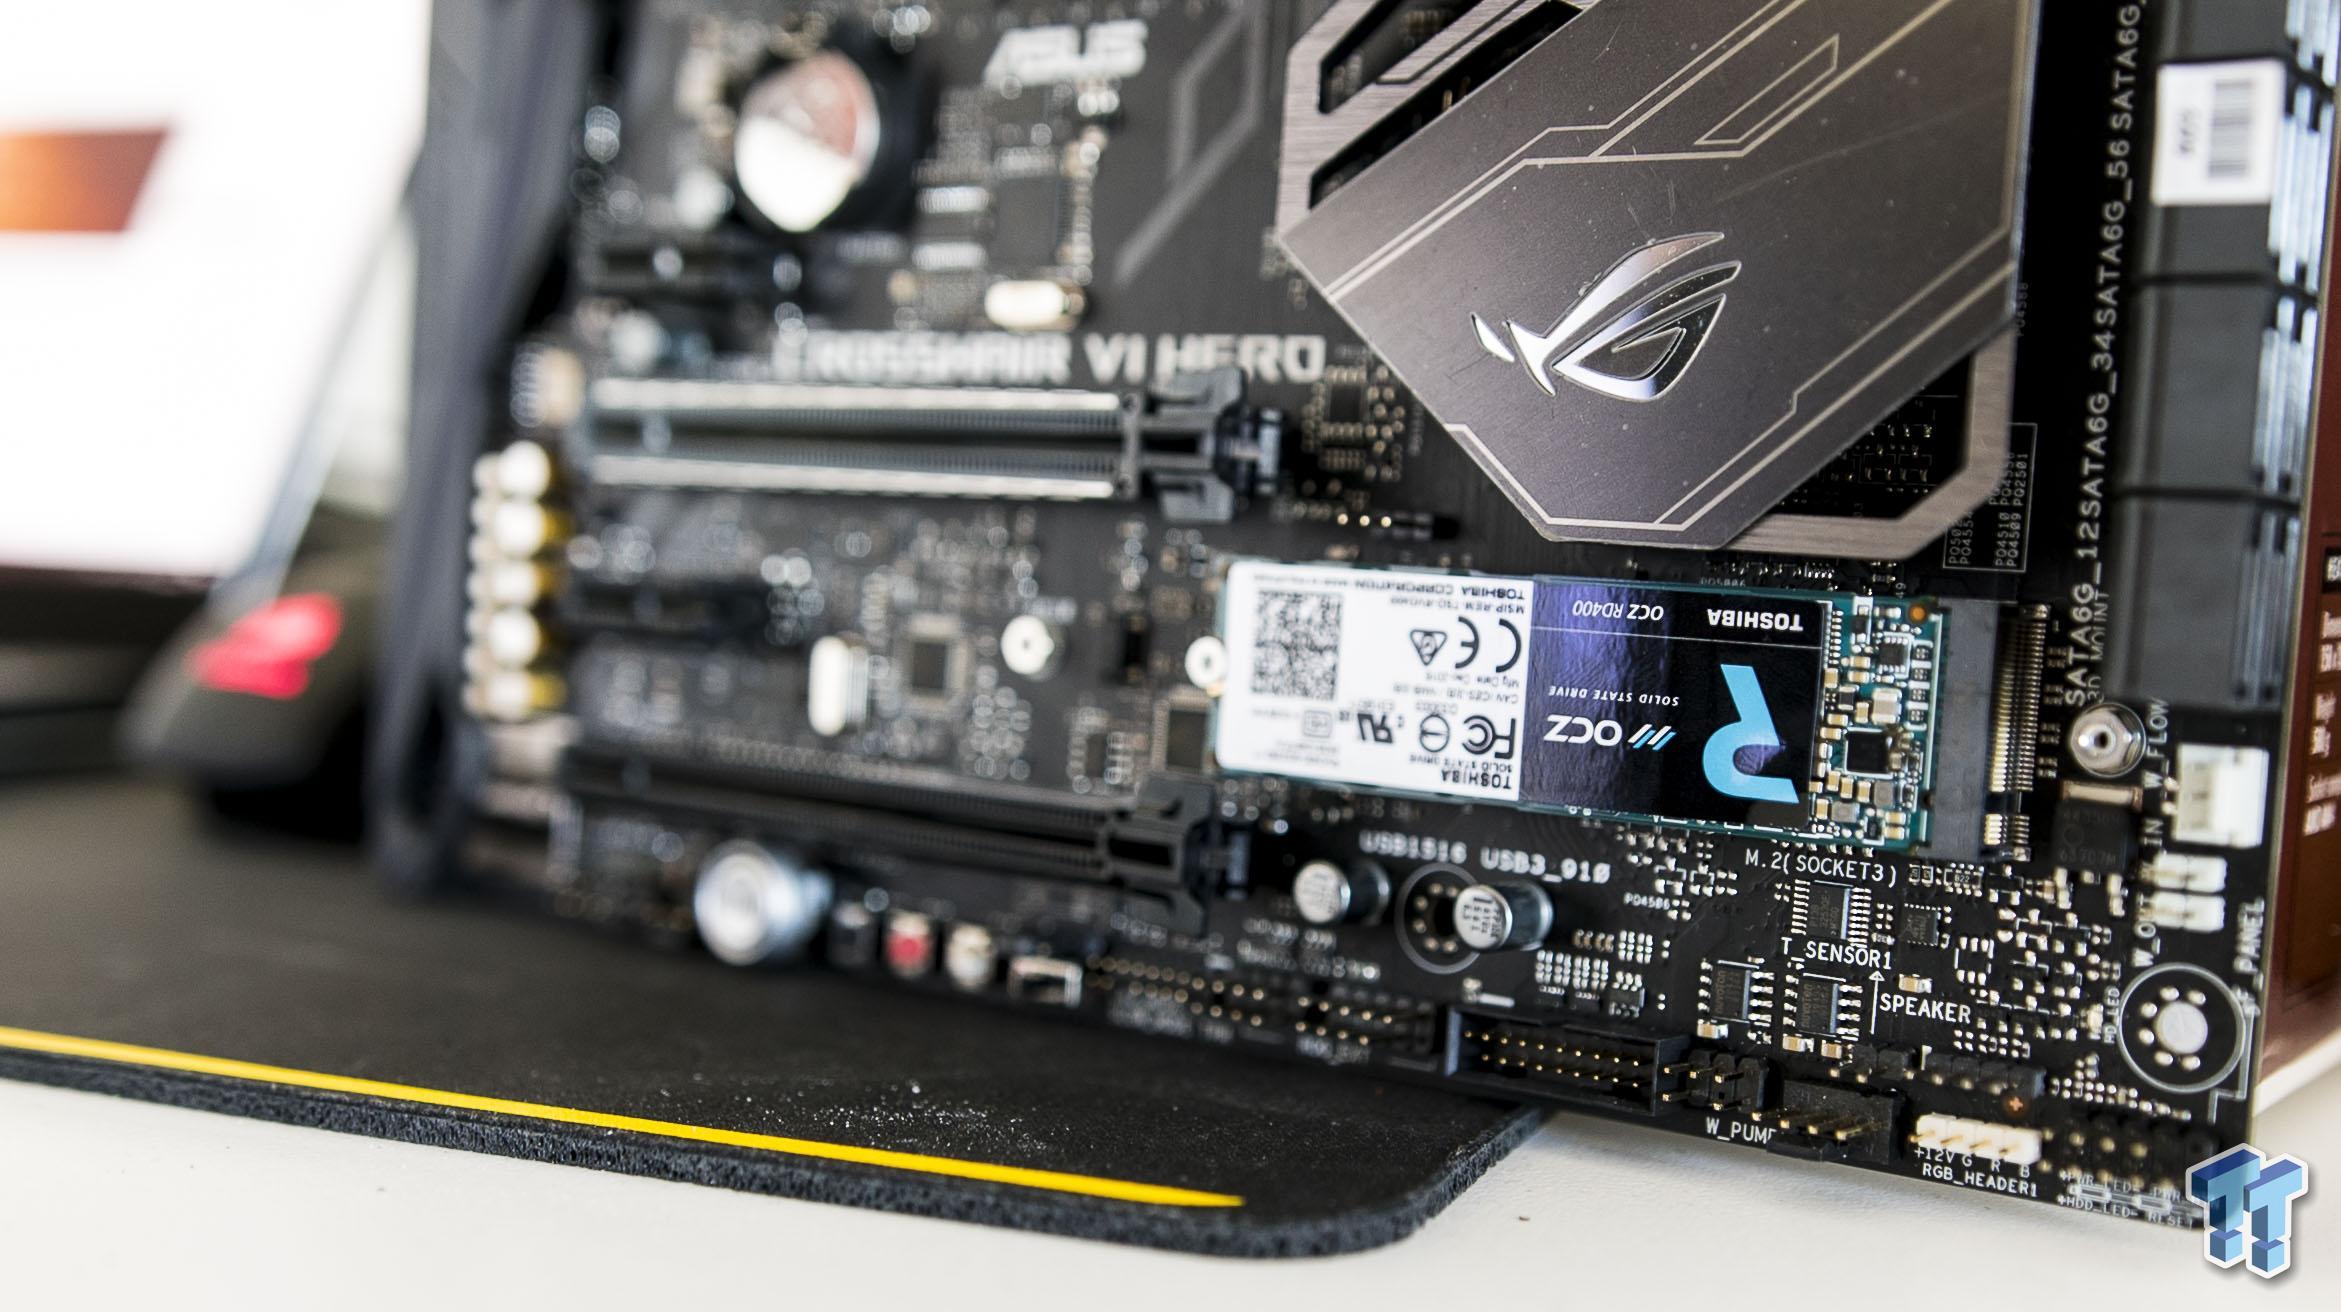 My new gaming/workstation PC: Ryzen 7 1800X, GTX 1080 Ti